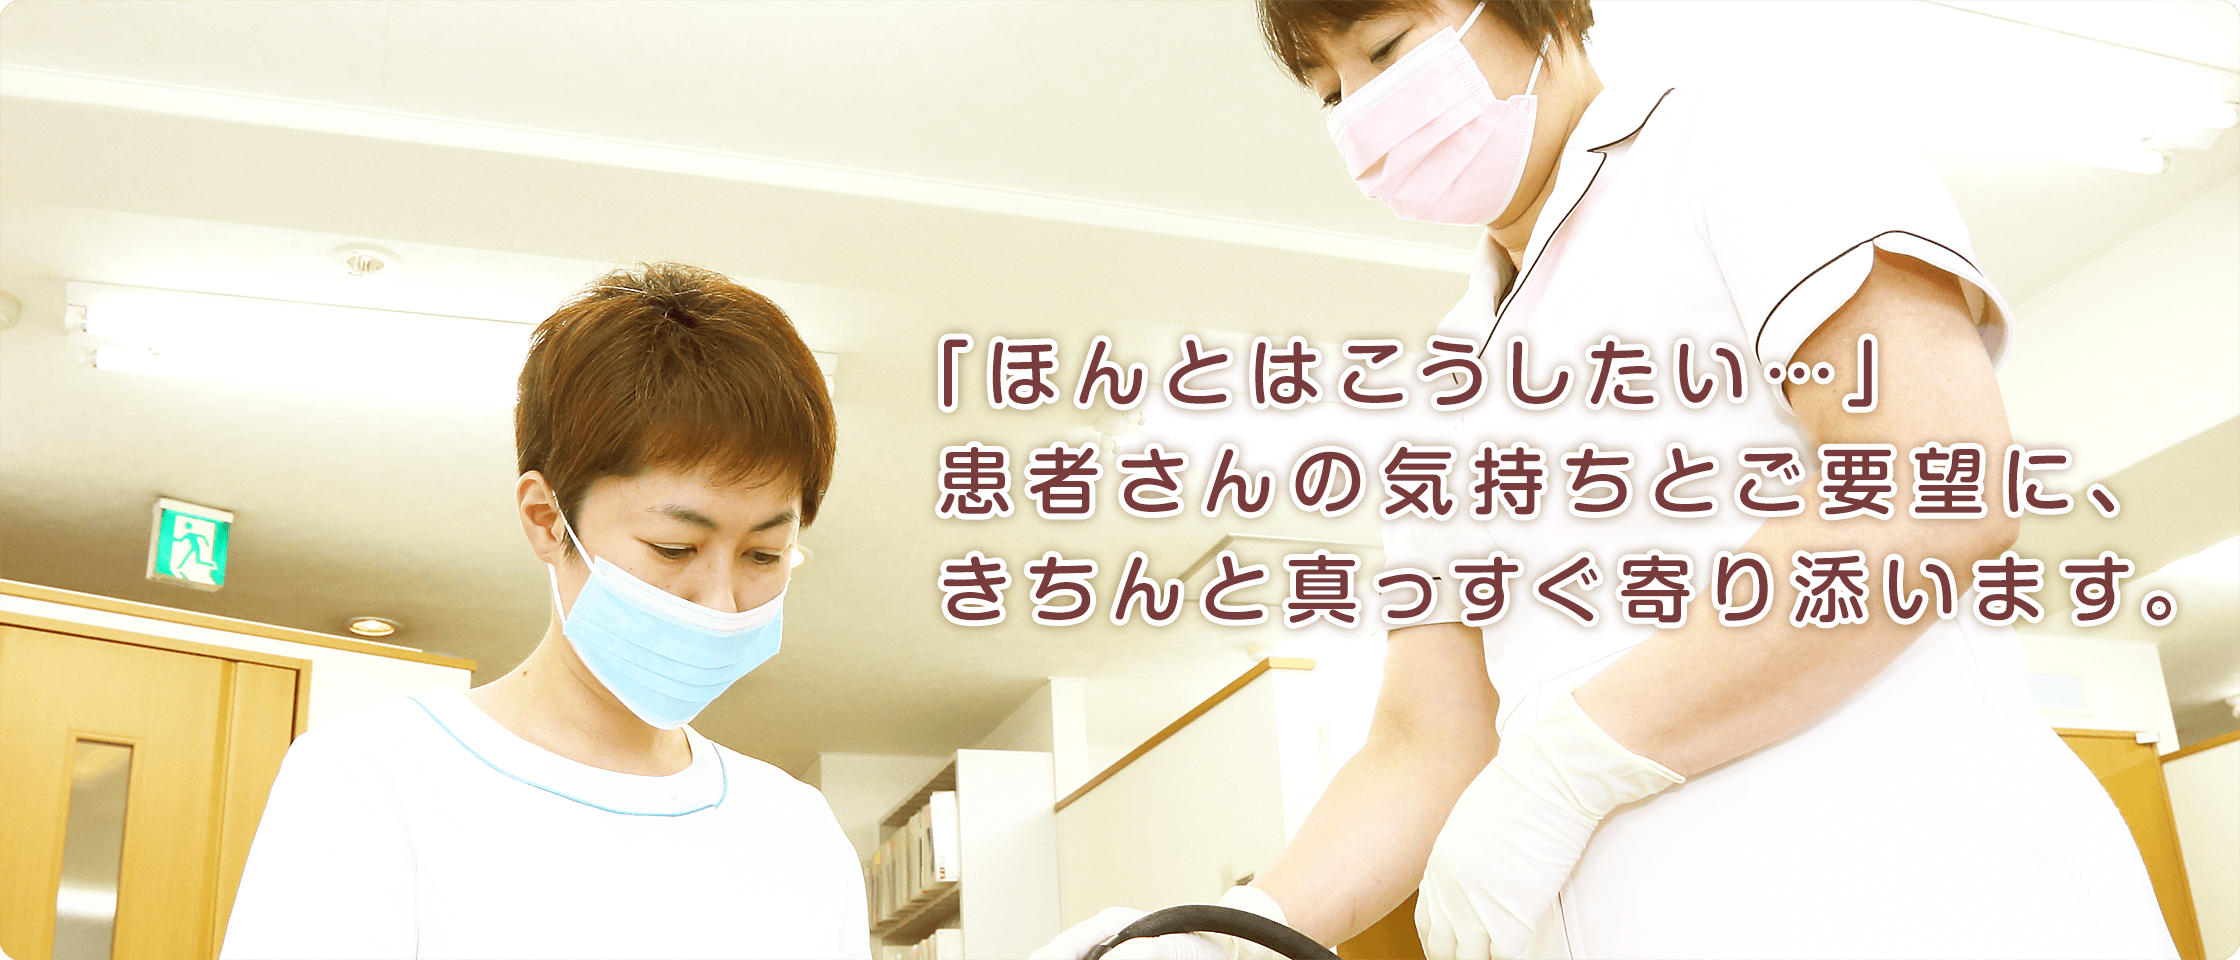 「ほんとはこうしたい…」患者さんの気持ちとご要望に、きちんと真っすぐ寄り添います。